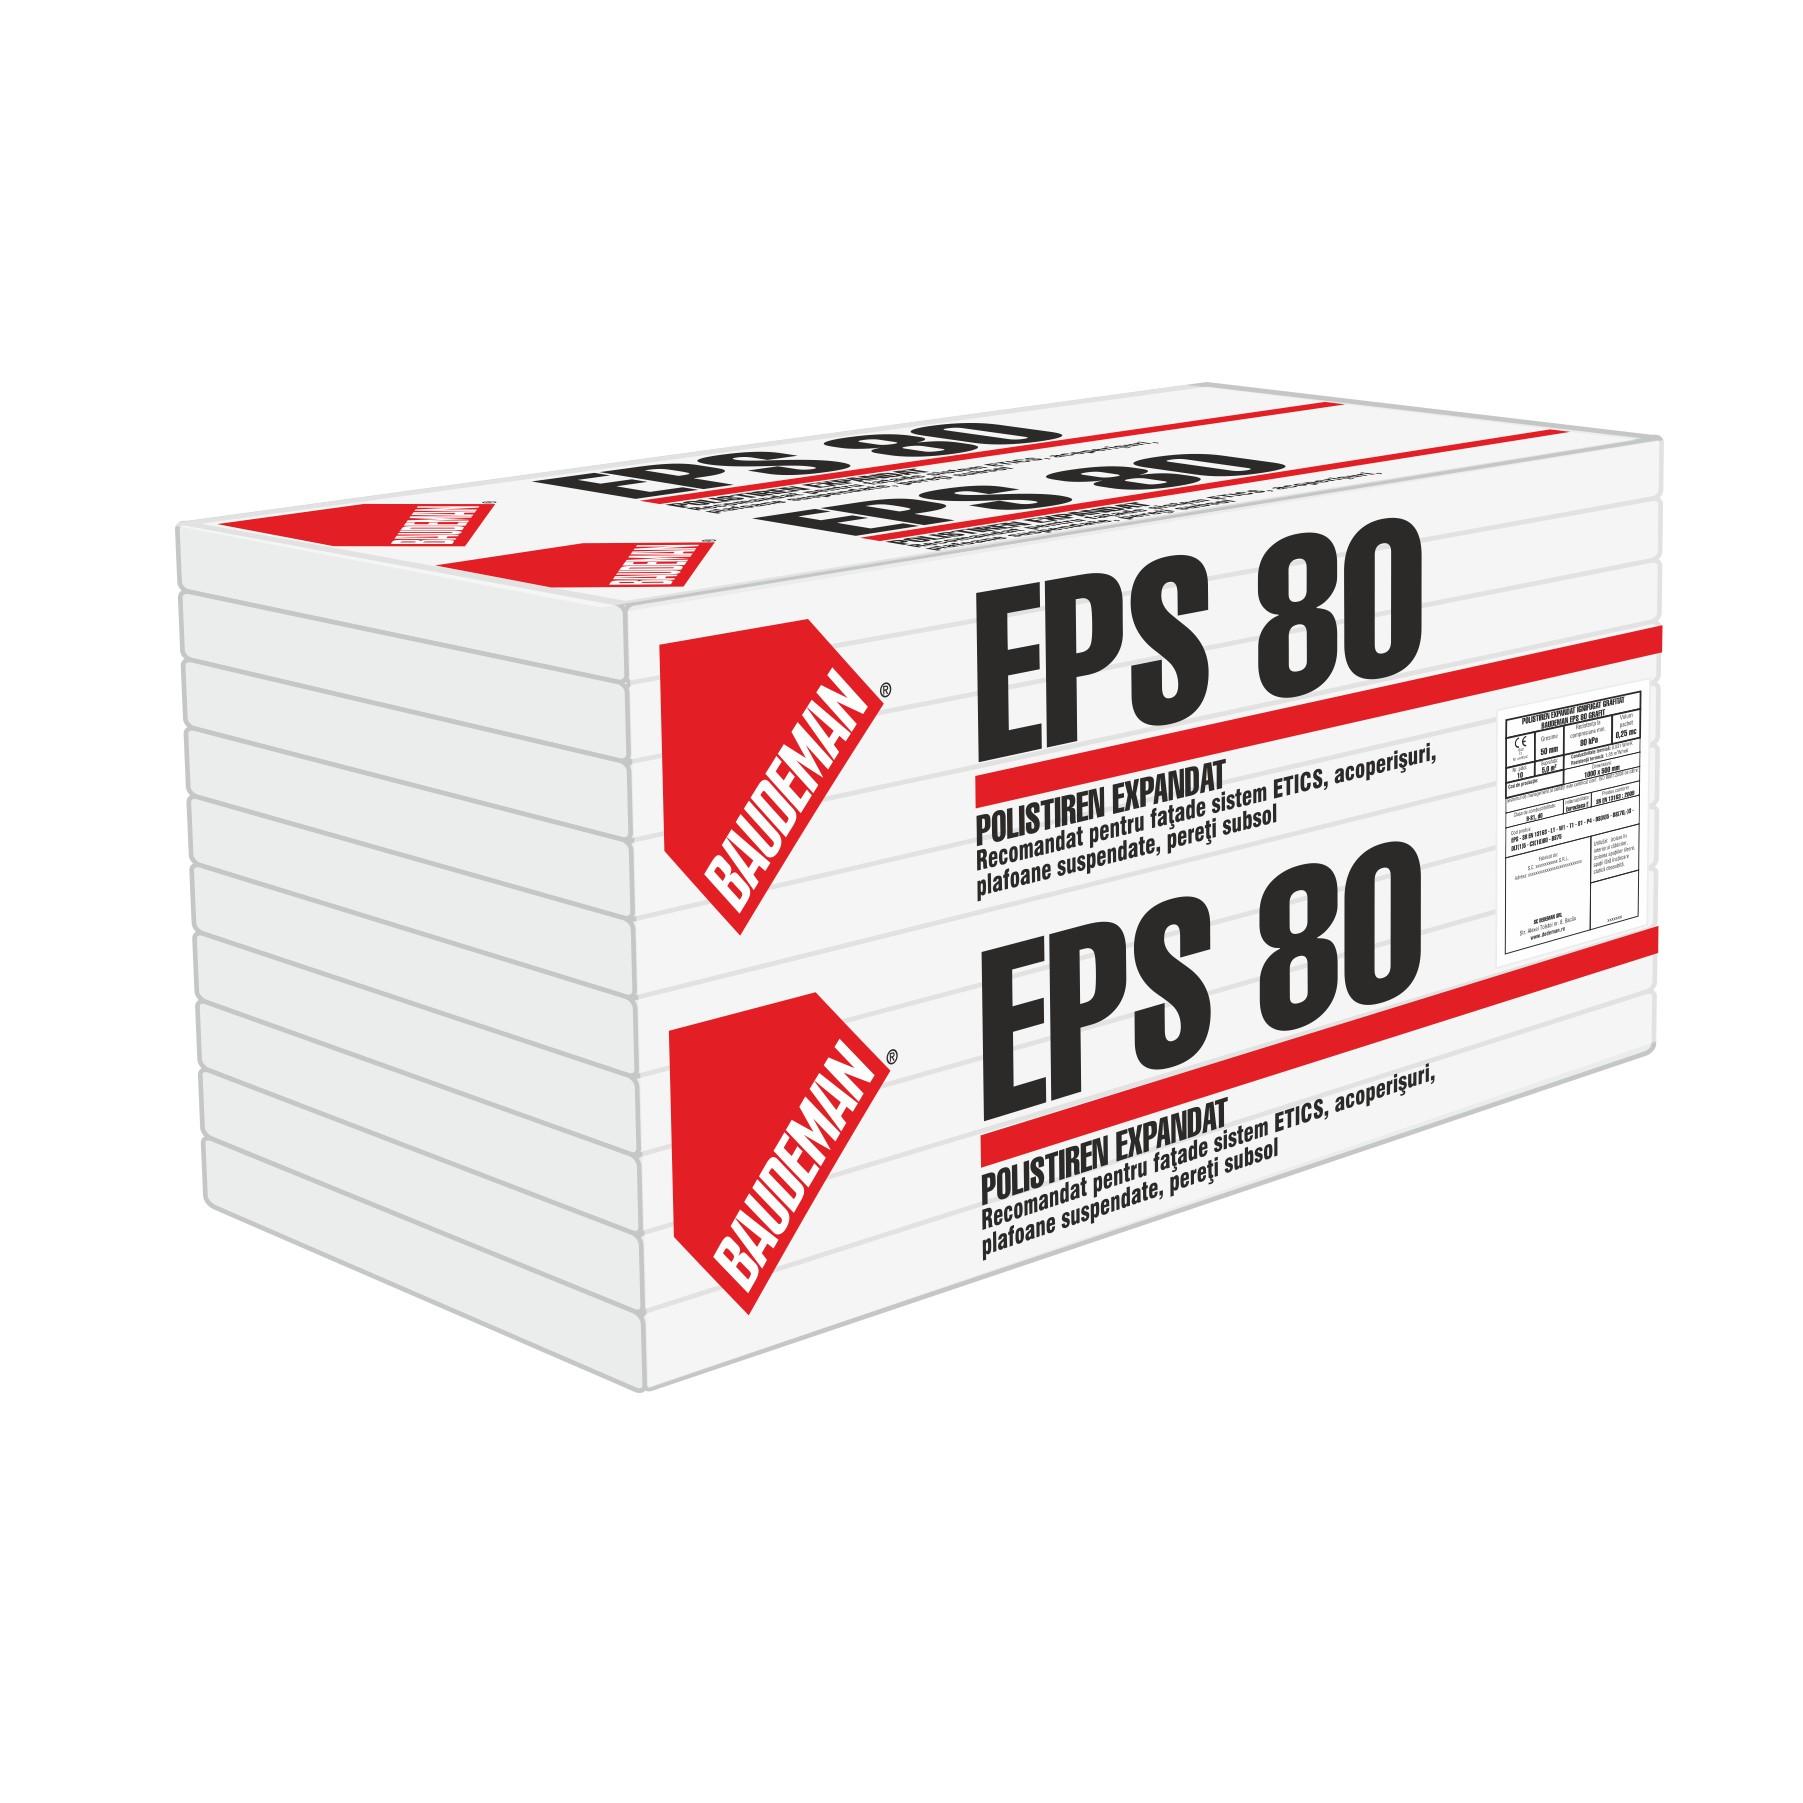 Izolație exterioară polistiren expandat (EPS)